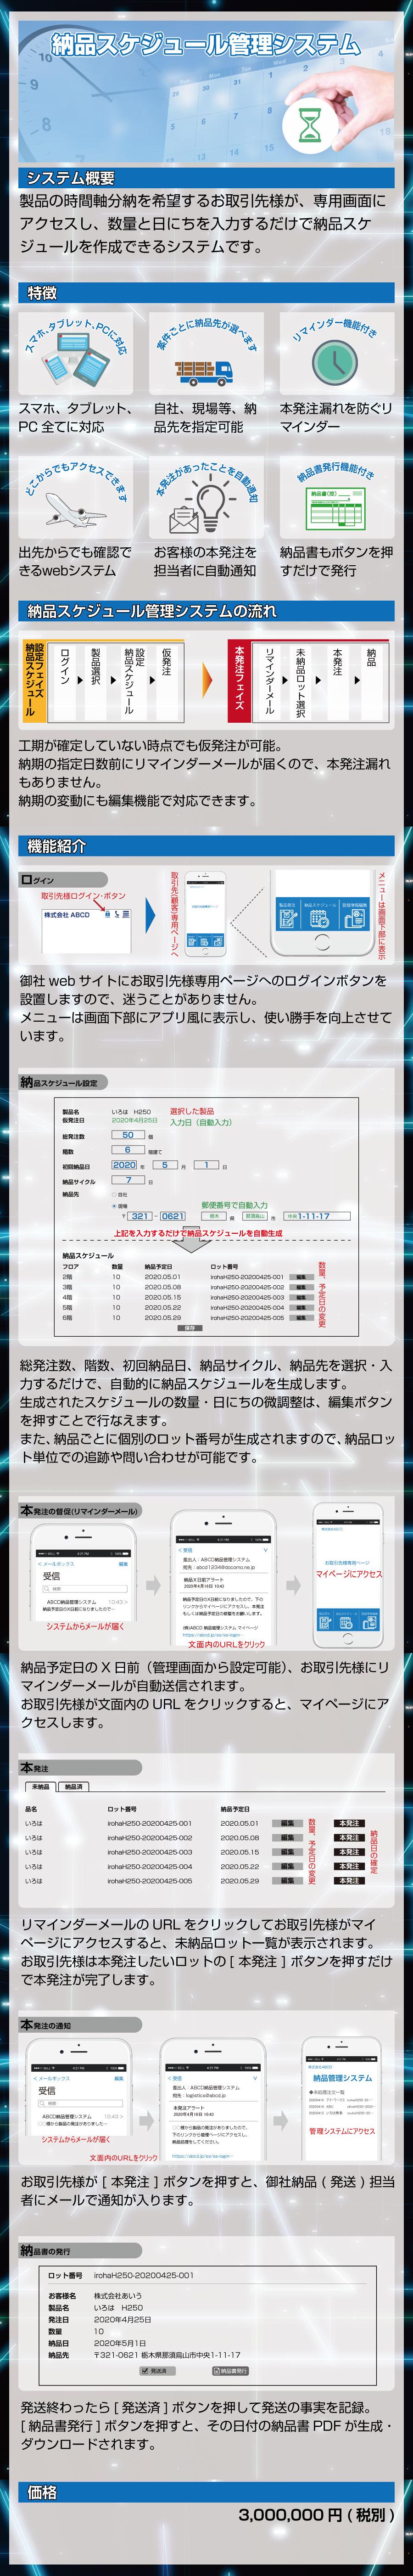 納品スケジュール管理システム